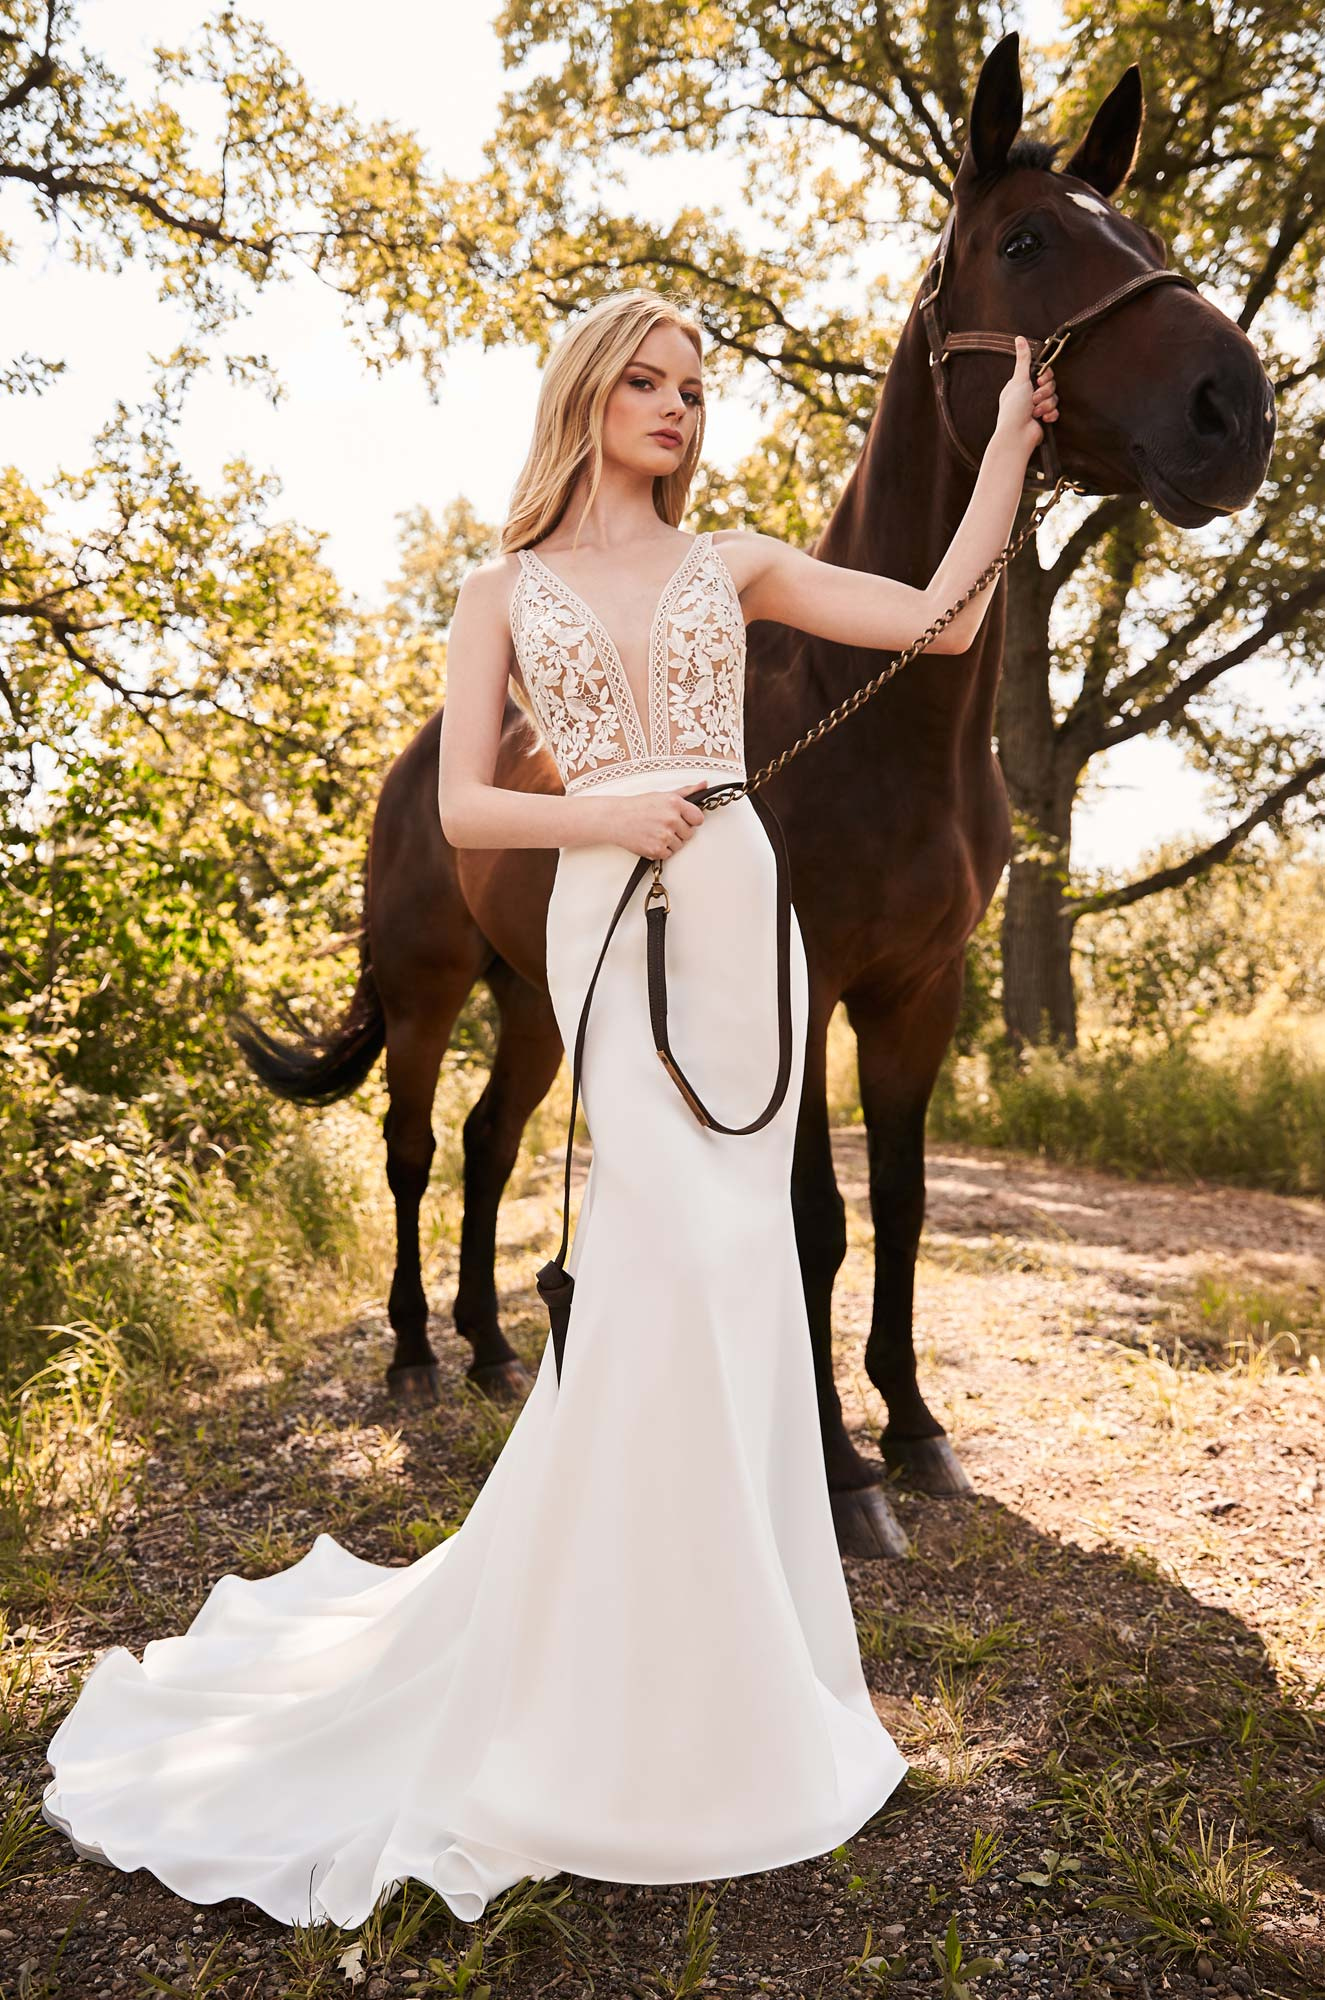 Breathtaking Lace Bodice Wedding Dress – Style #2297 | Mikaella Bridal